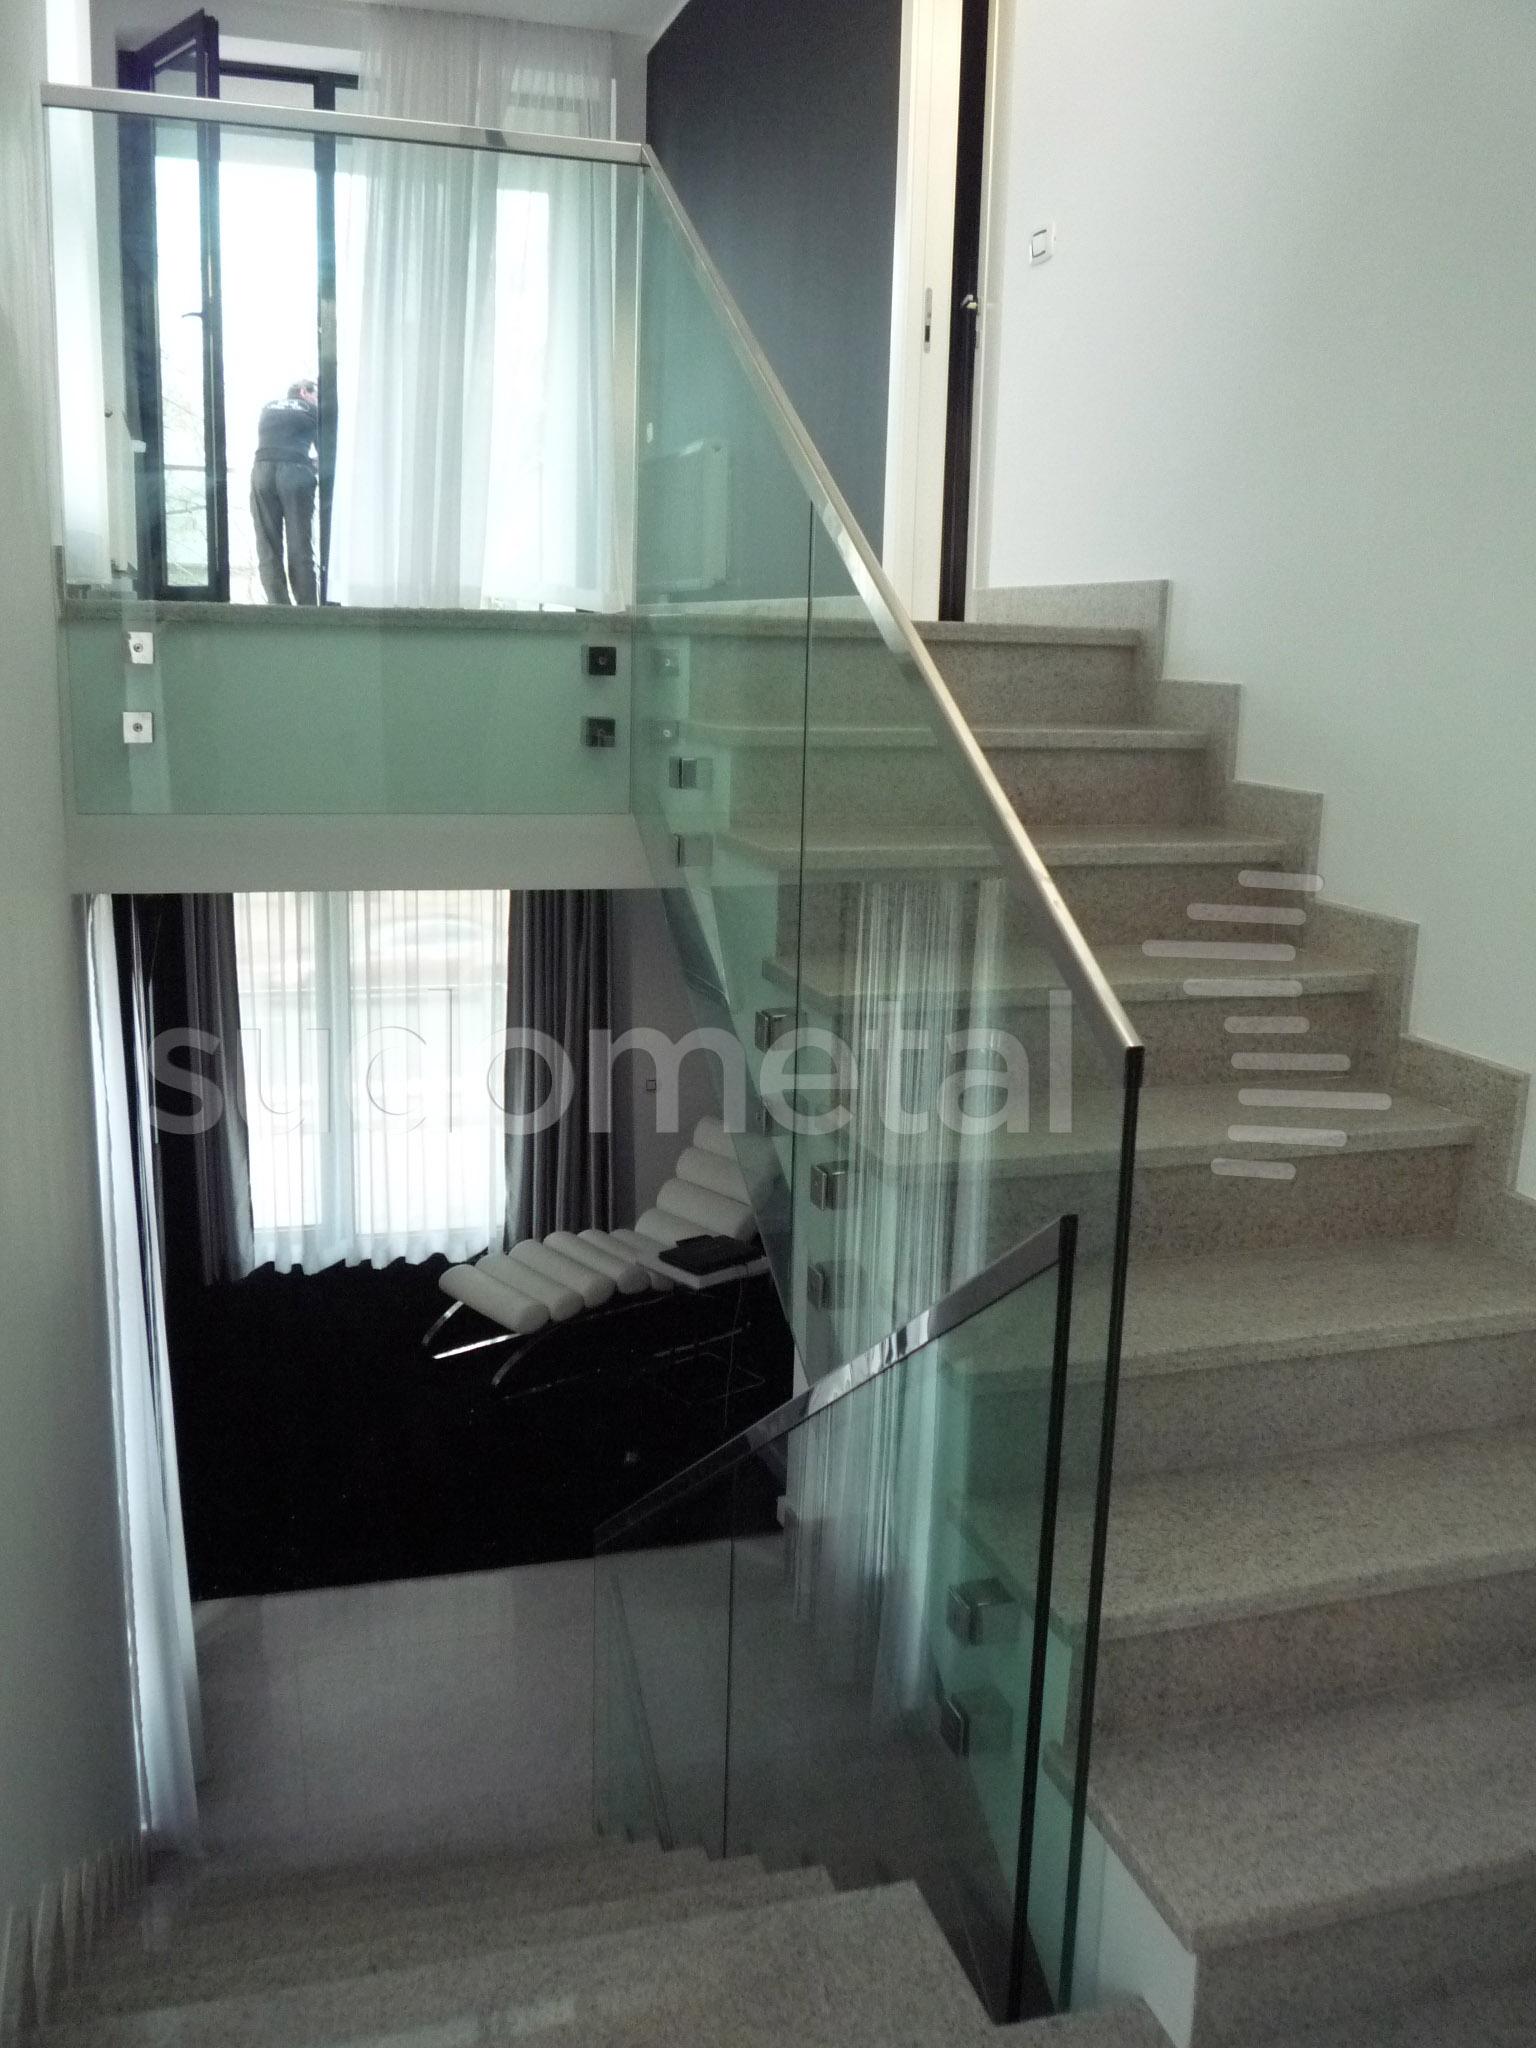 Balustrade din sticla - Balustrada casa particulara Galati SUDOMETAL - Poza 1